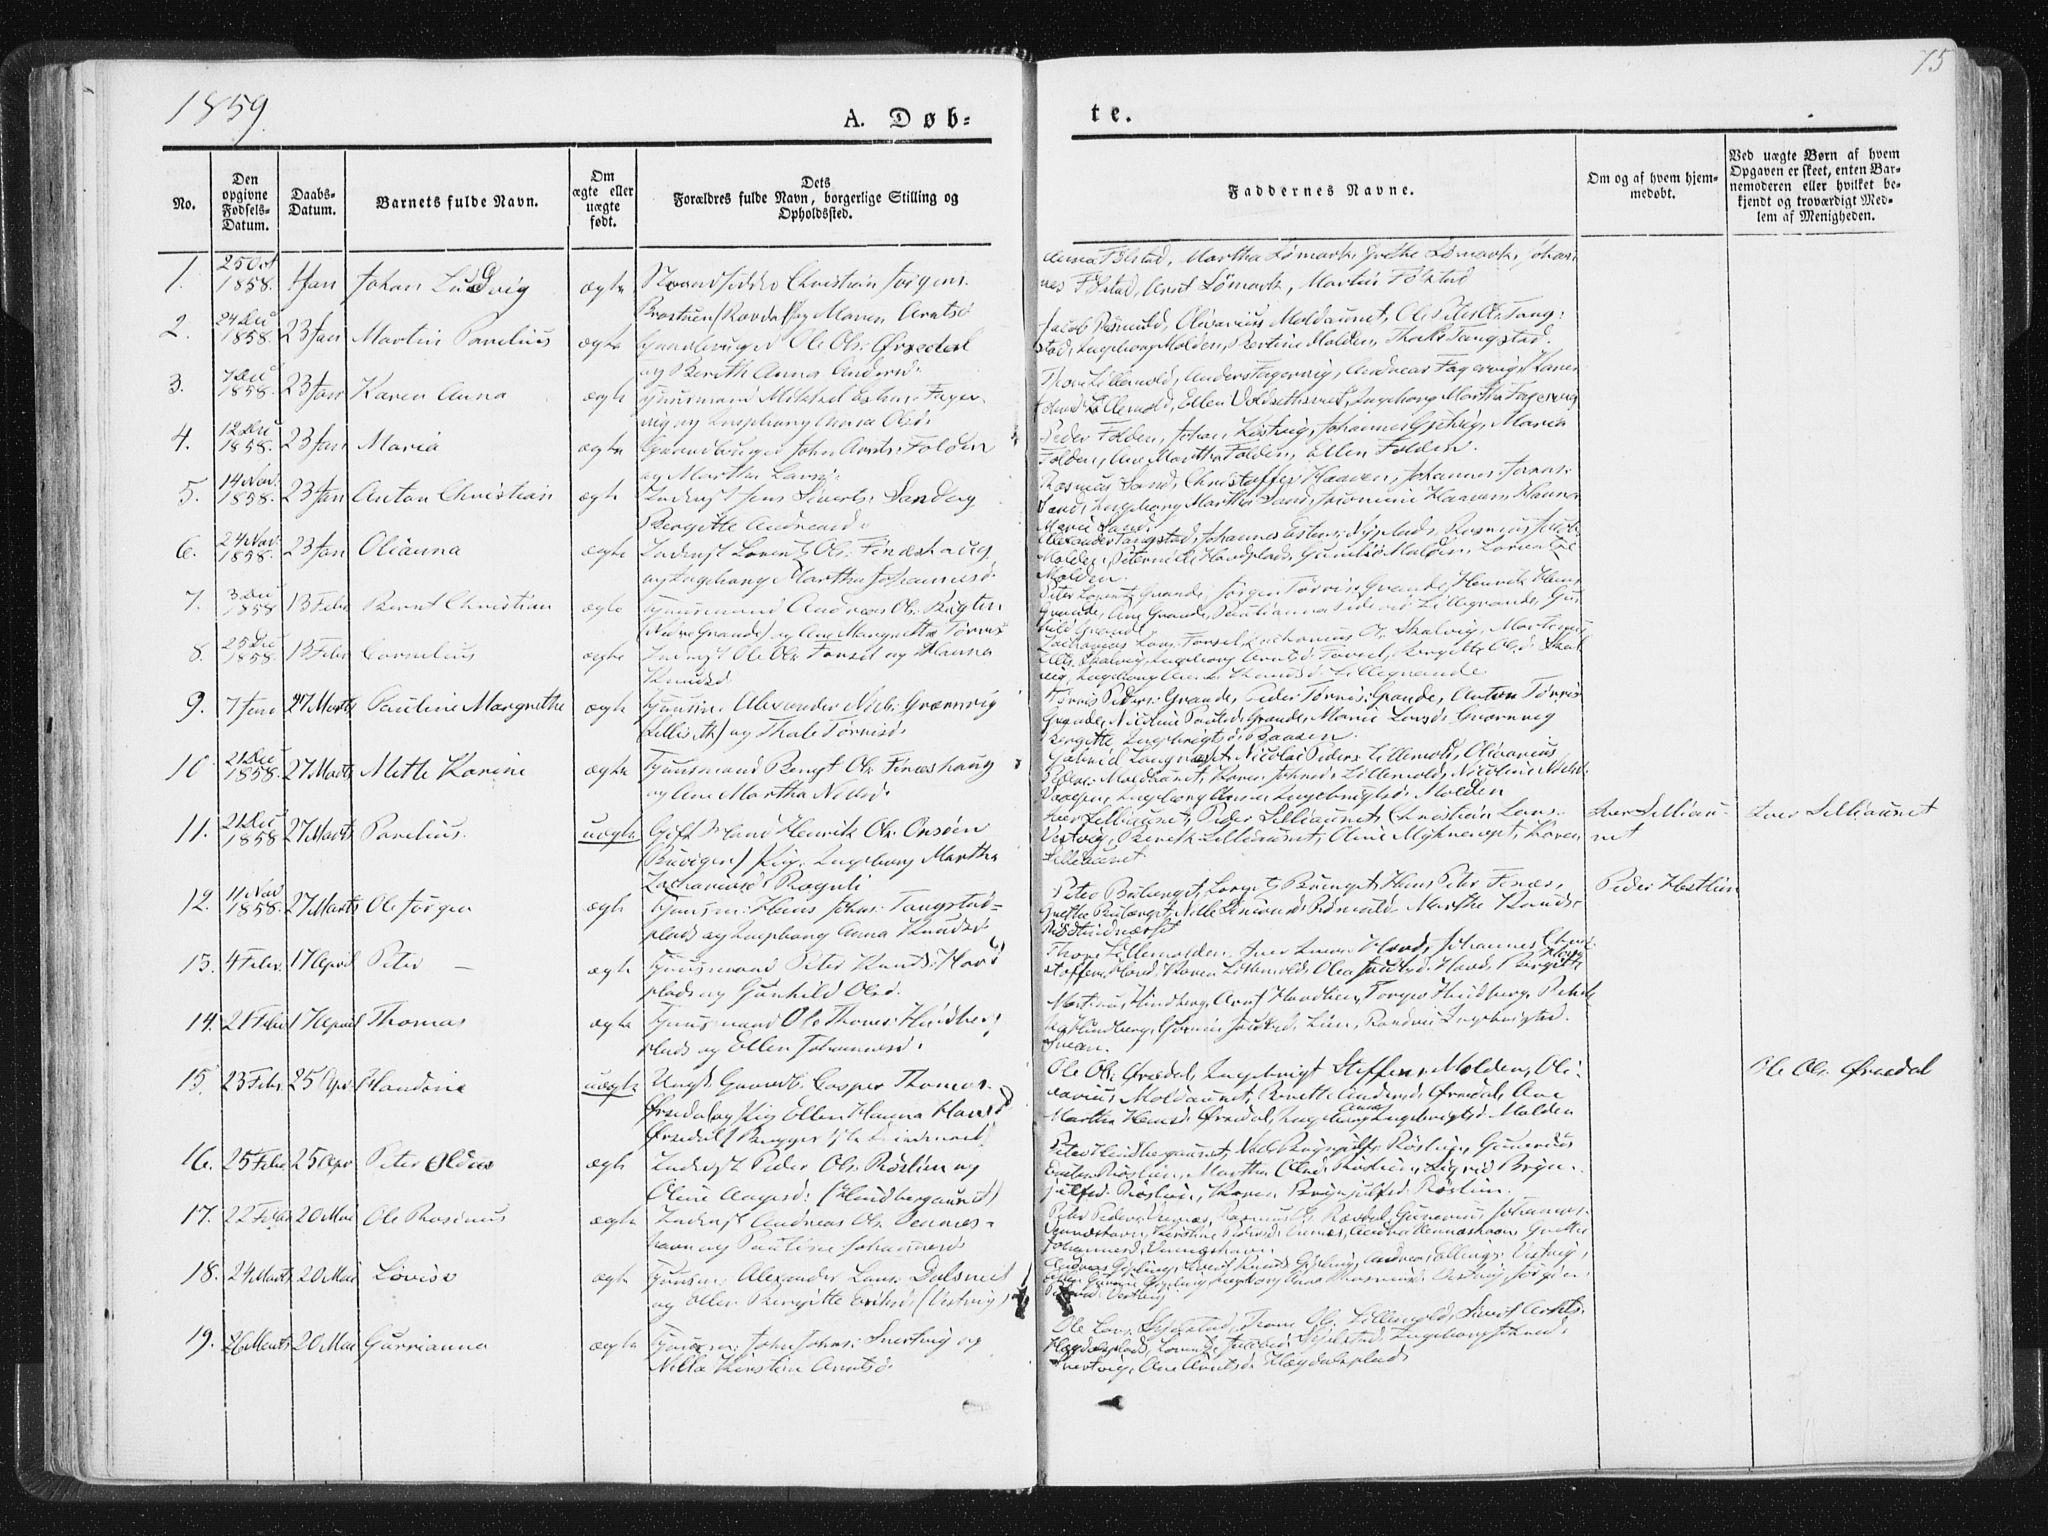 SAT, Ministerialprotokoller, klokkerbøker og fødselsregistre - Nord-Trøndelag, 744/L0418: Ministerialbok nr. 744A02, 1843-1866, s. 75